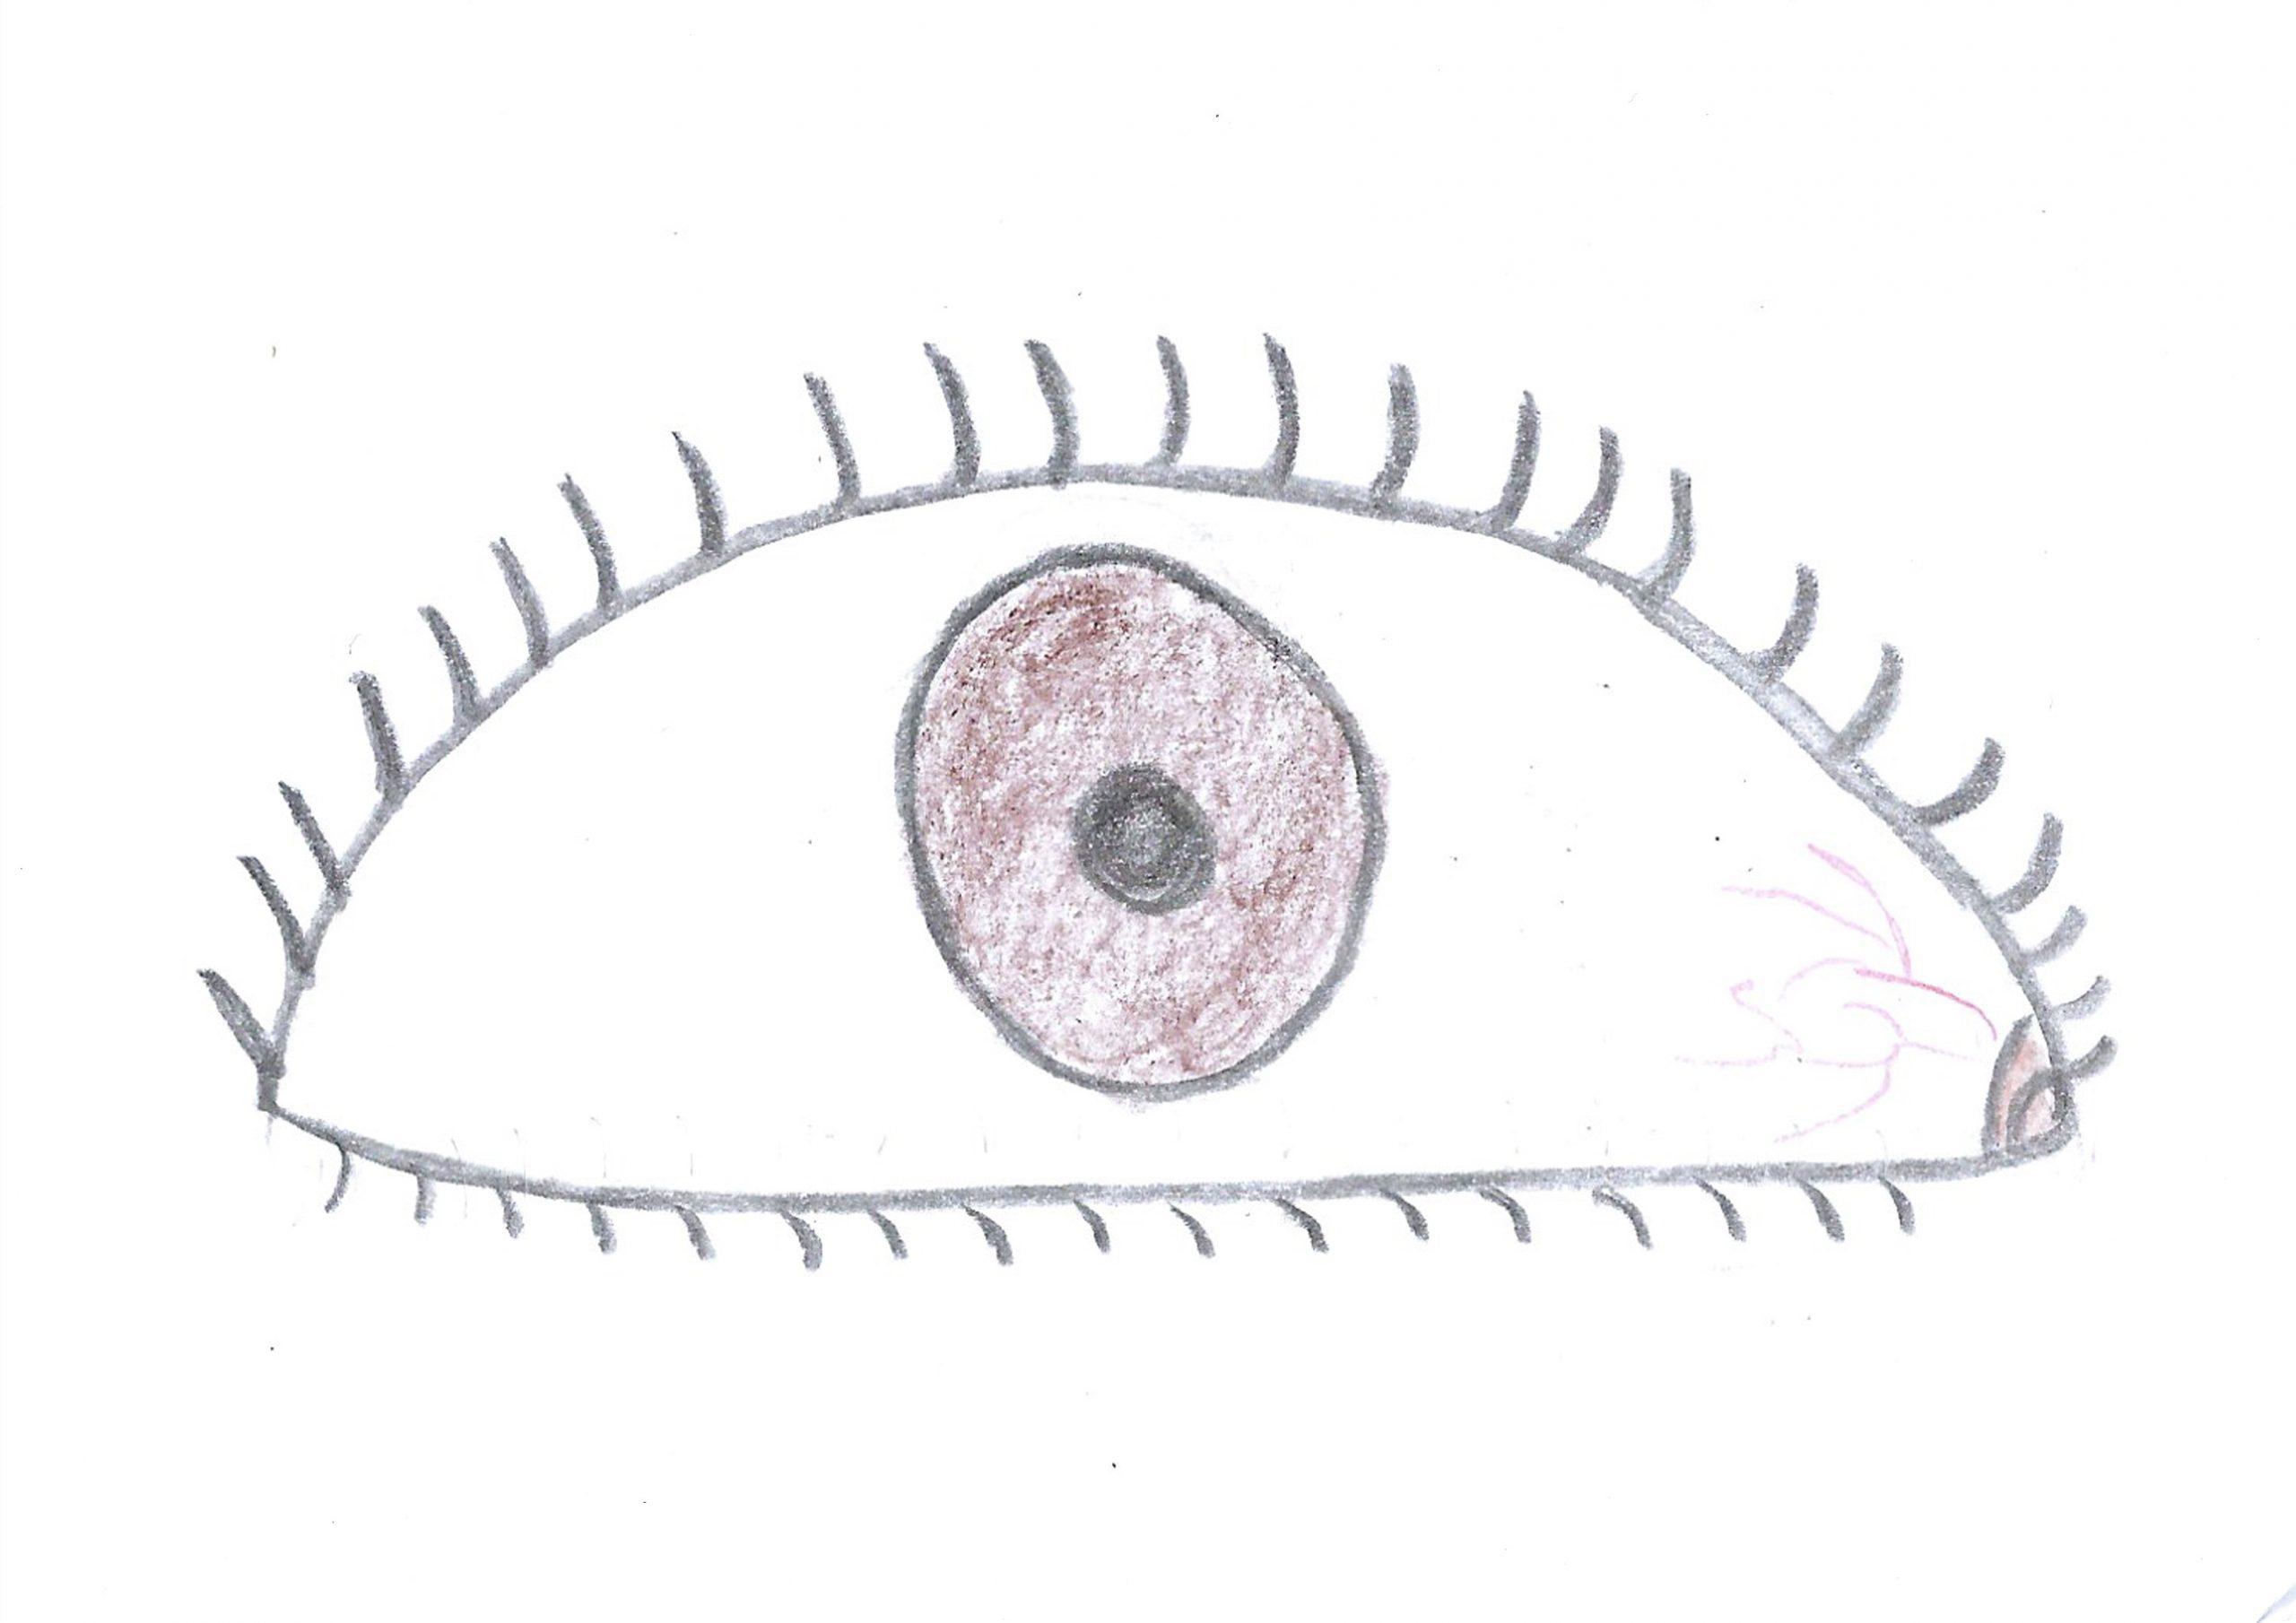 Tesa — The eye